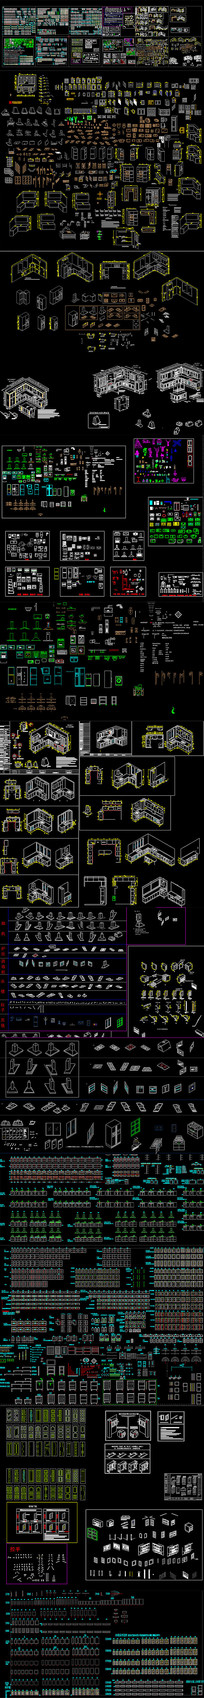 整木实木橱柜CAD设计图集